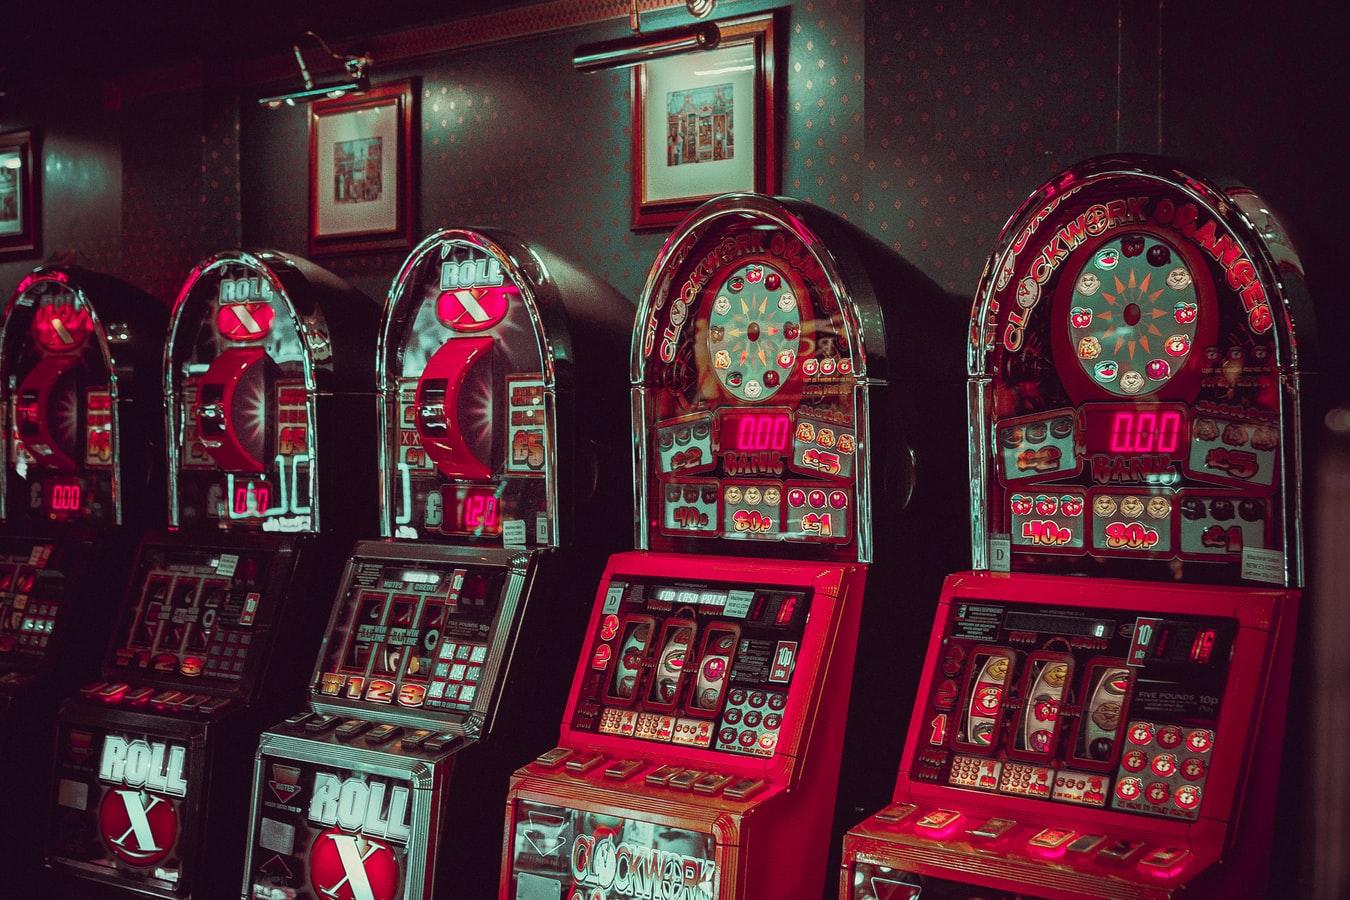 Kā apspēlēt spēļu automātus, lai vinnētu īstu naudu?